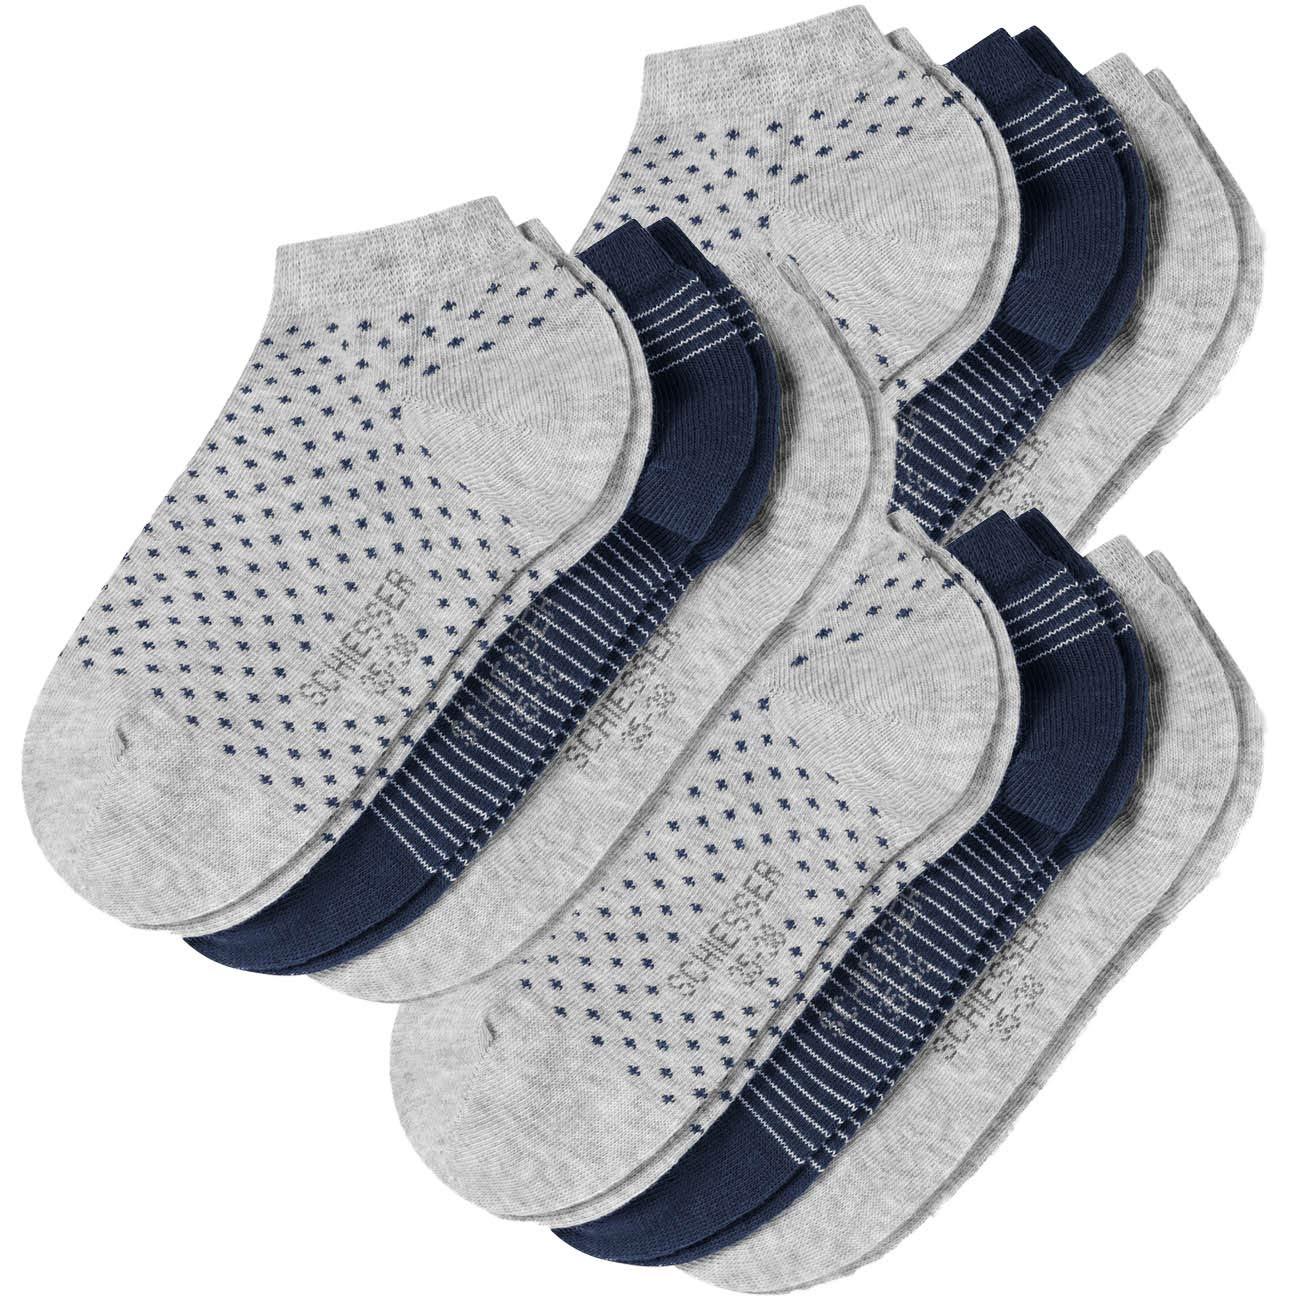 Schiesser Damen Sneaker Socken Cotton 9er Pack: